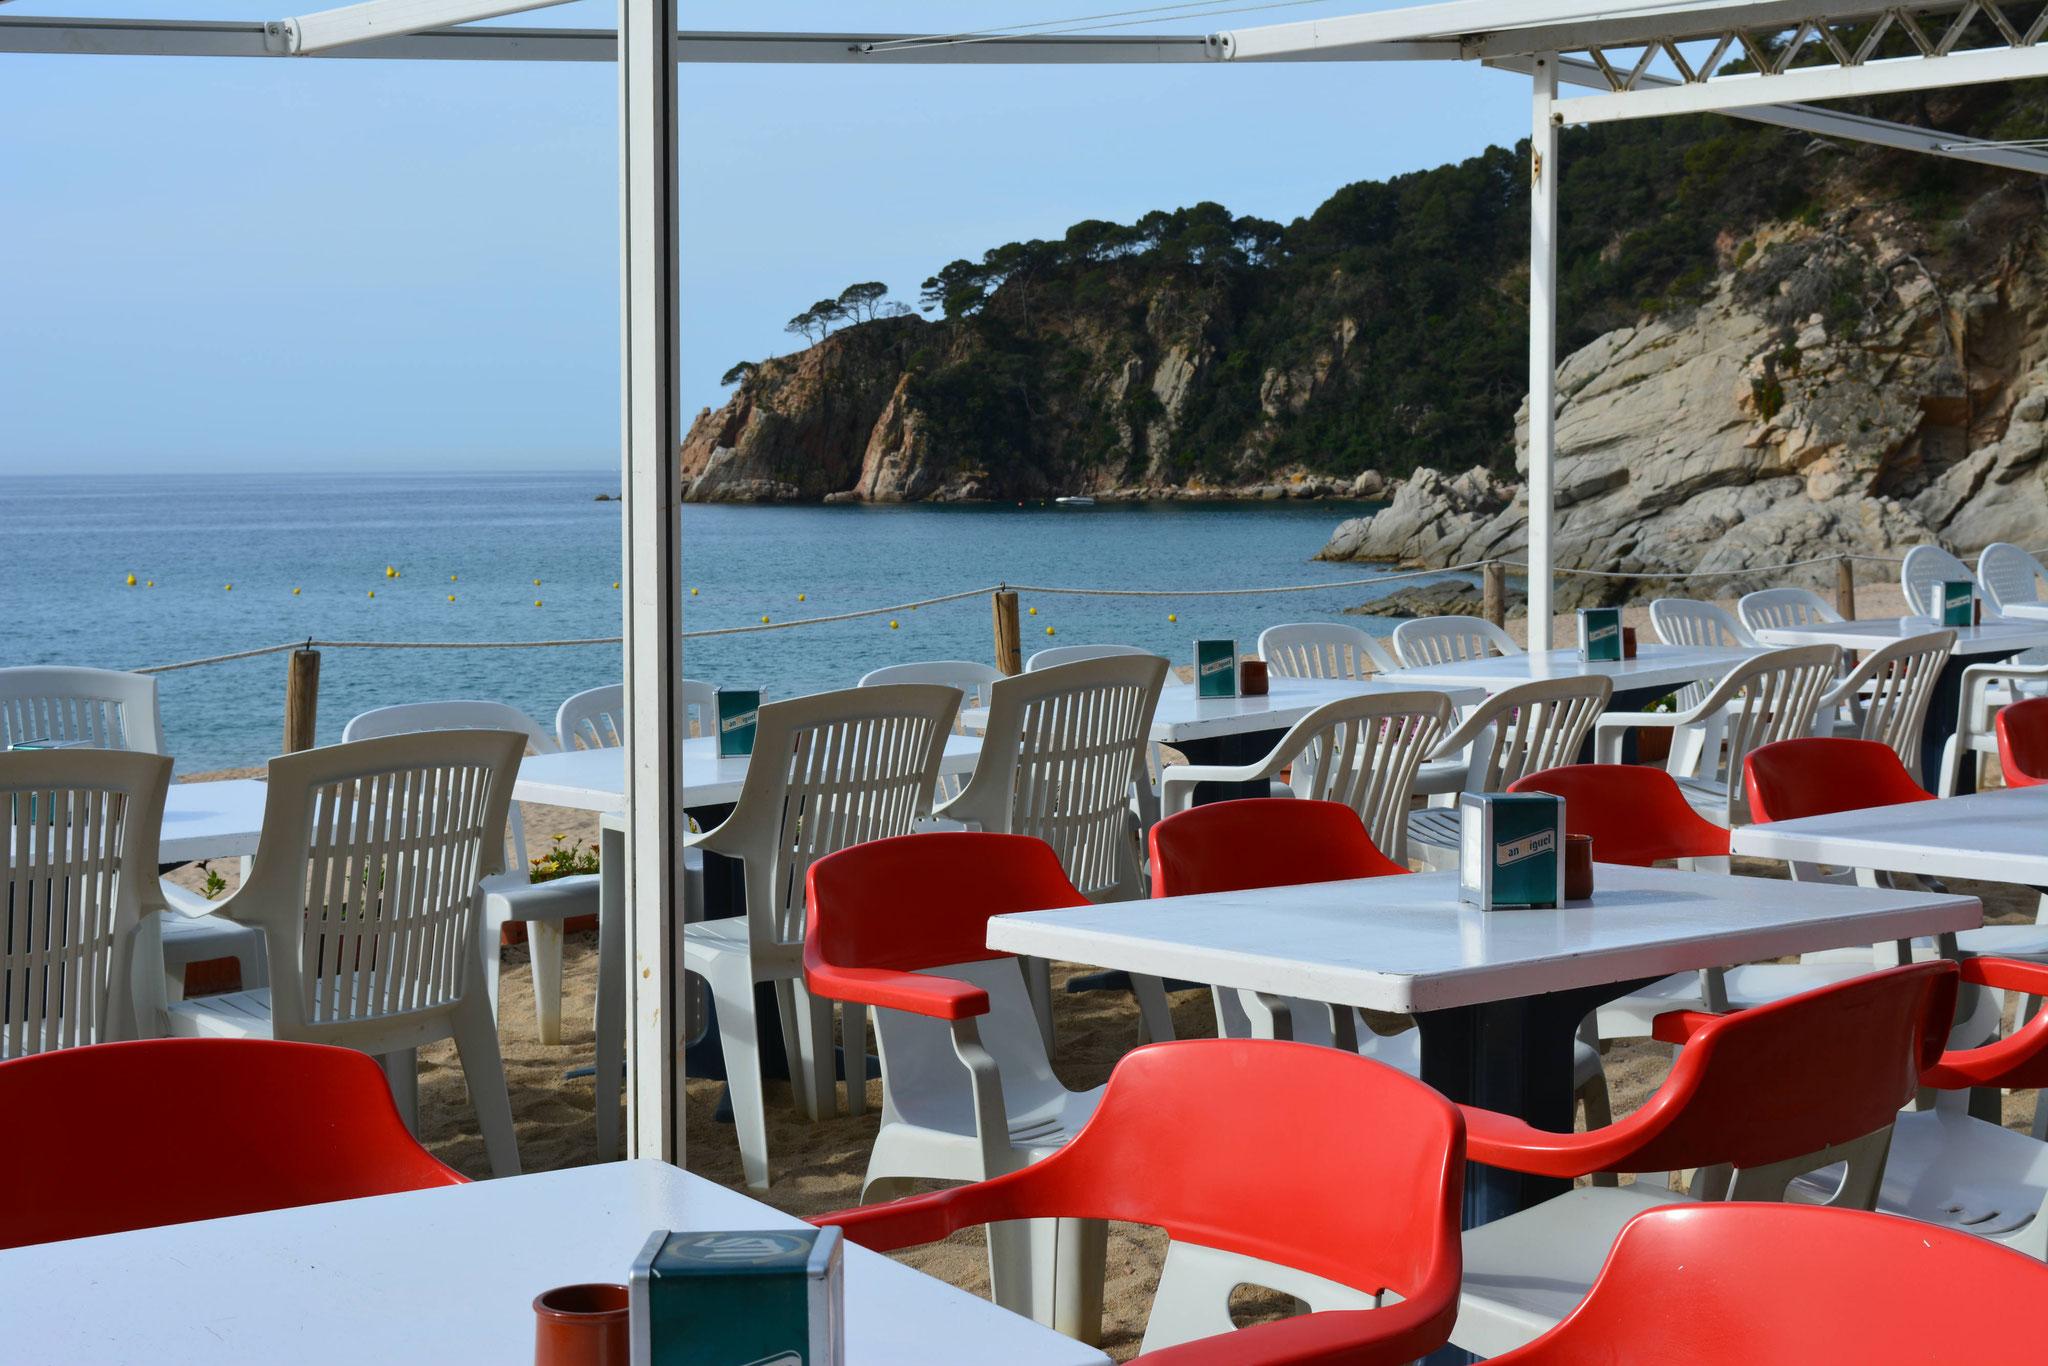 Bar de plage sur la plage